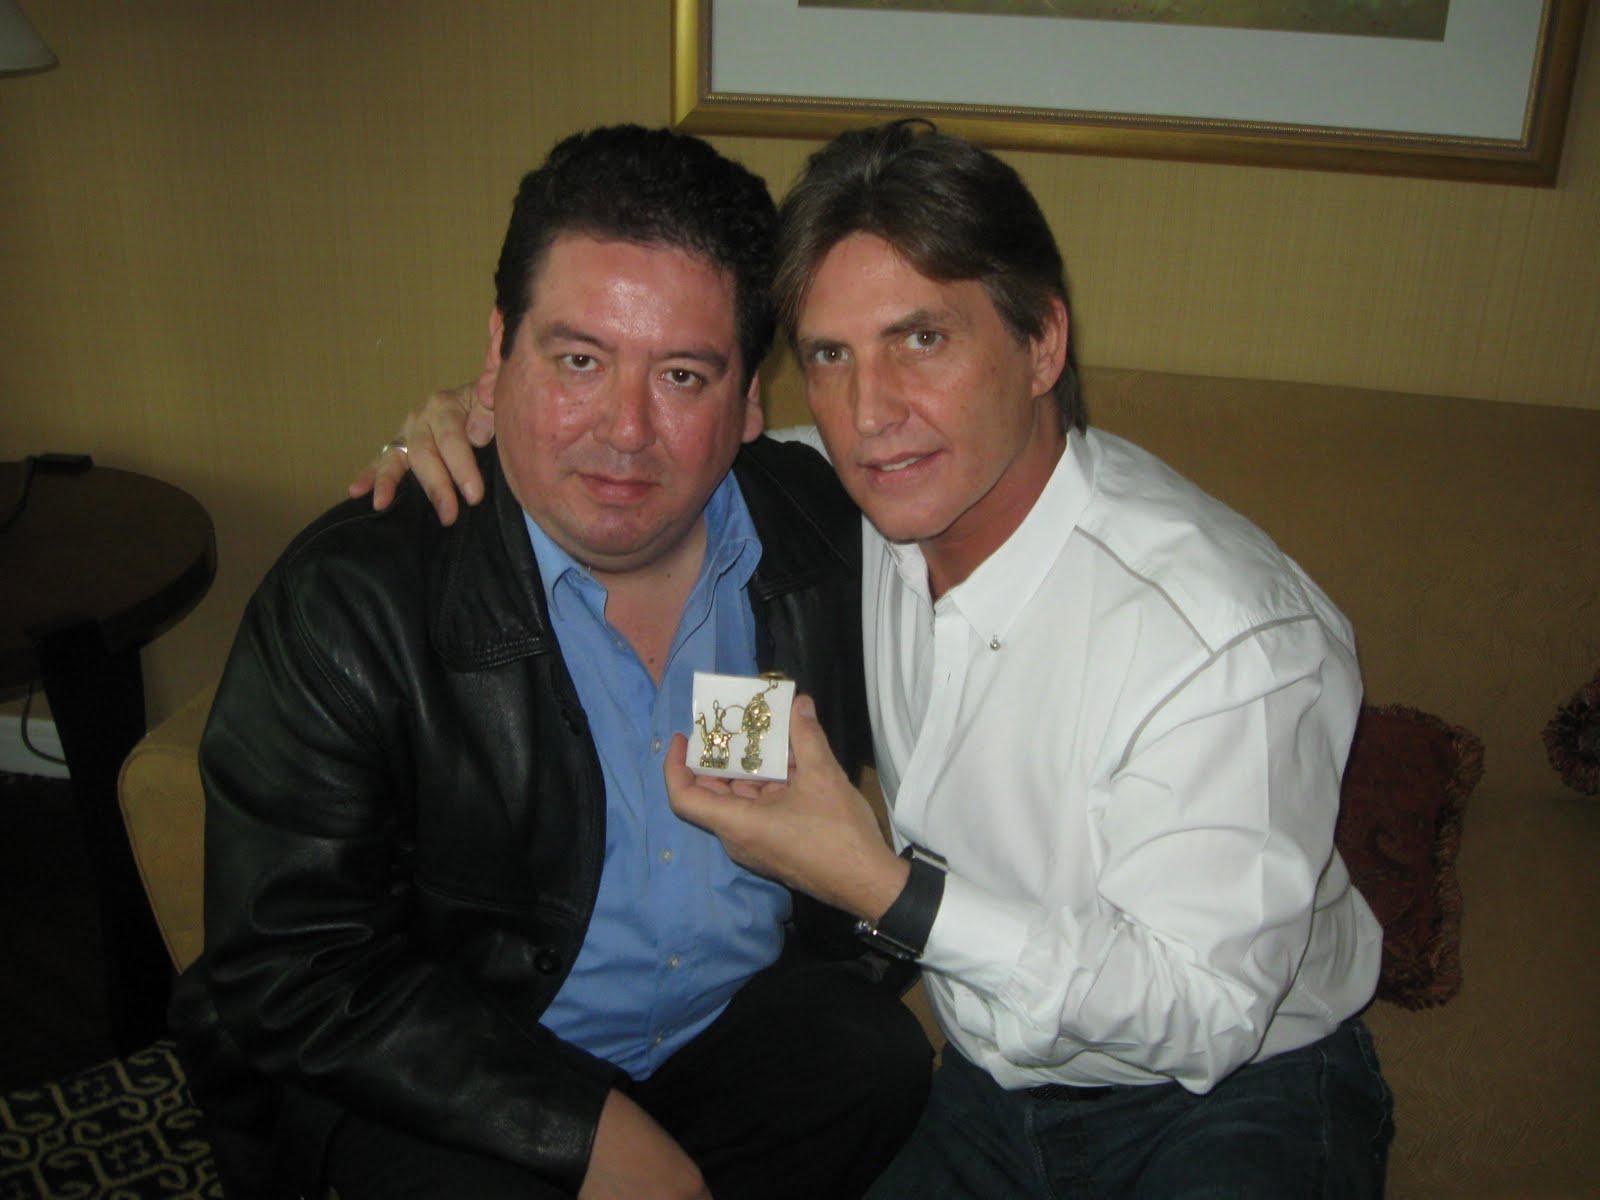 http://1.bp.blogspot.com/_bwSDlUSrdtA/TGDb2DySJdI/AAAAAAAABTM/zbQ19spqDsg/s1600/ERNESTO+JERARDO+VICTOR+CAMARA.jpg